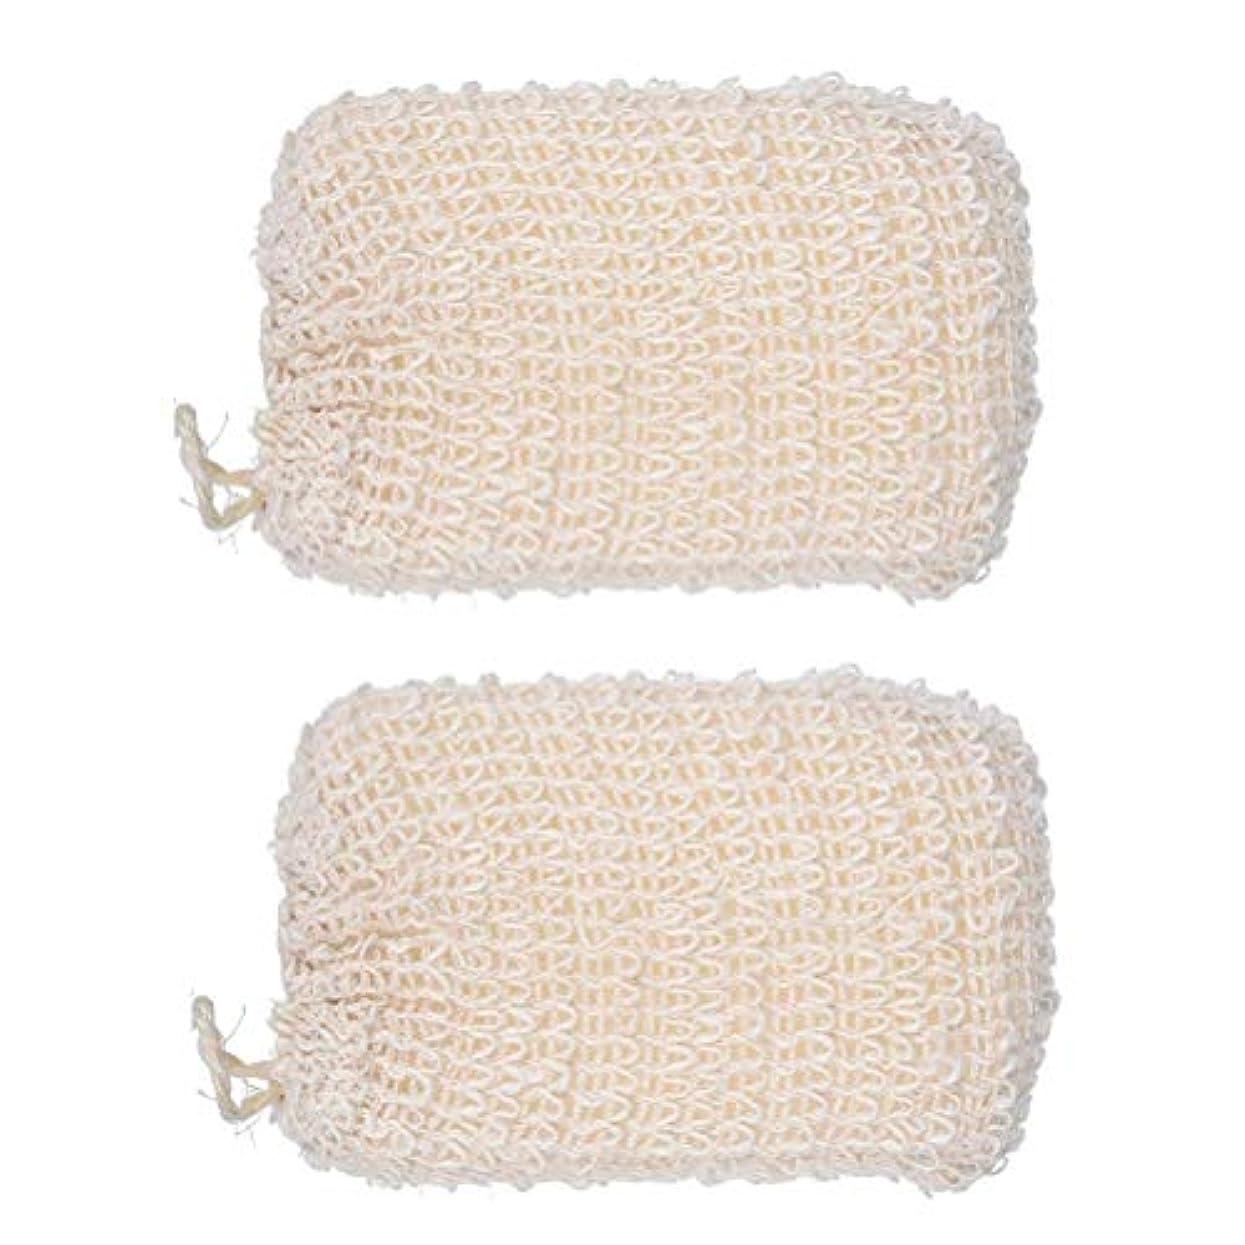 硬さミスペンドコードBeaupretty 2ピース風呂スポンジ植物綿とリネン風呂ブラシ柔らかい風呂スポンジスクラバー用女性赤ちゃん子供(ベージュ)